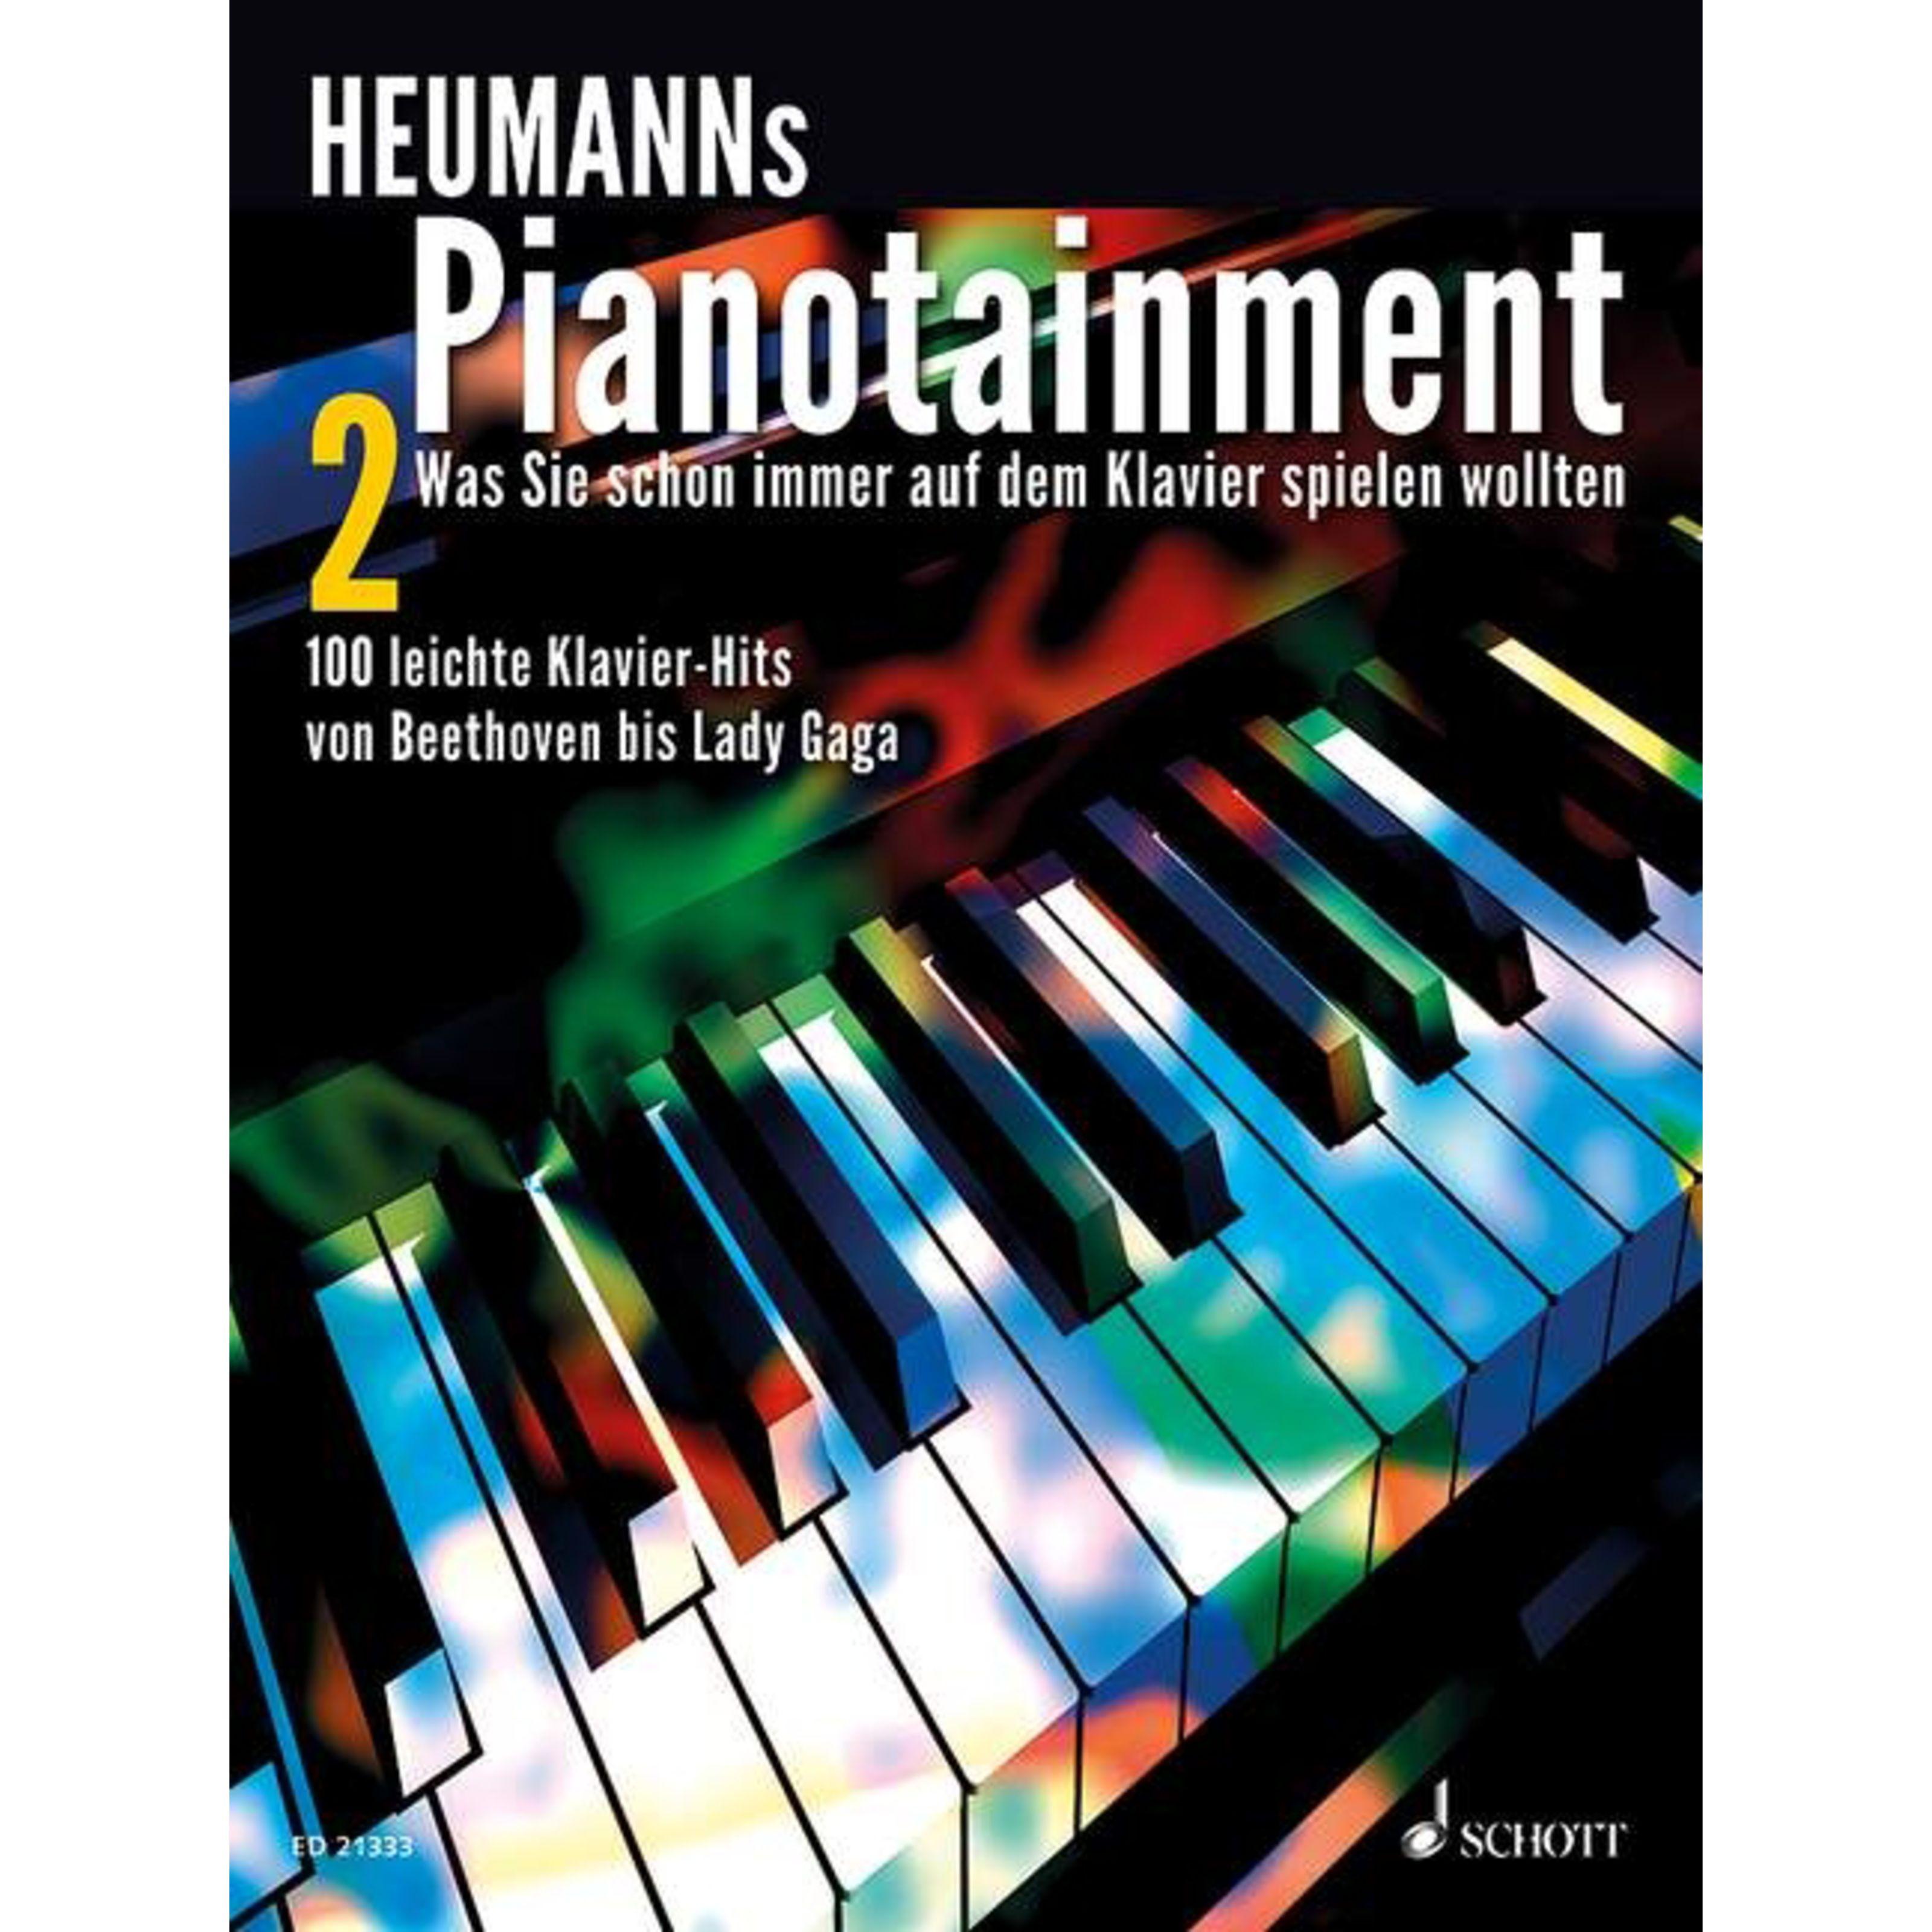 Schott Music - Pianotainment 2 Heumann, Klavier ED 21333